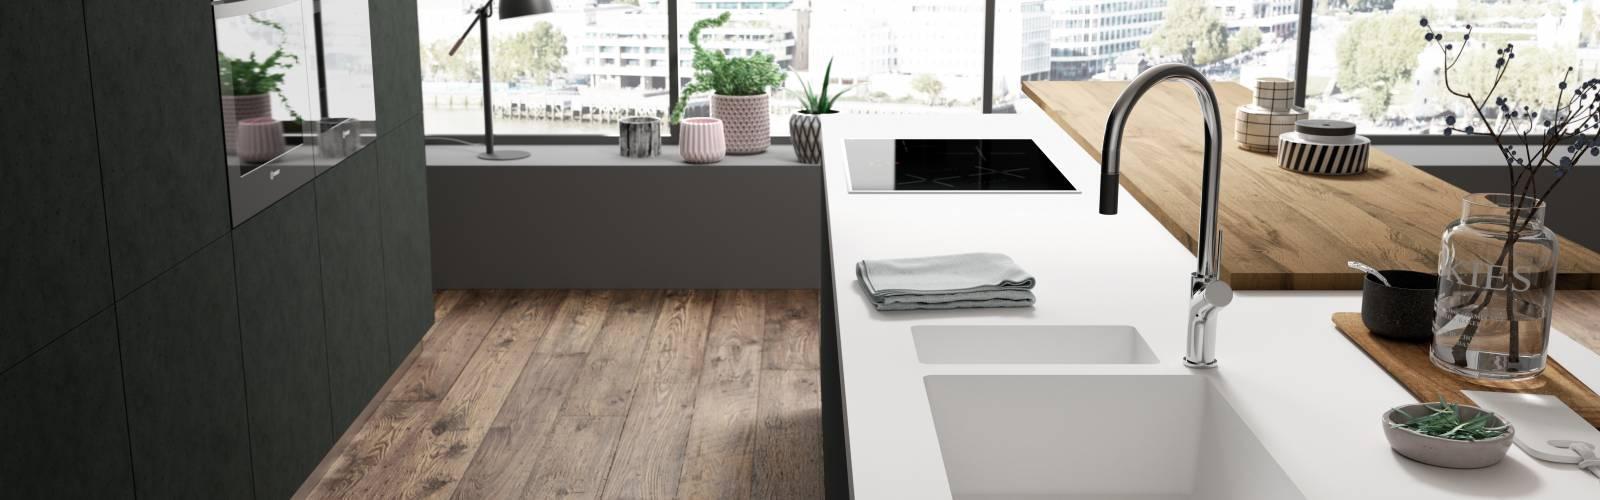 hi macs kitchen sink cs204 cs604 300dpi rgb - LG-Himacs